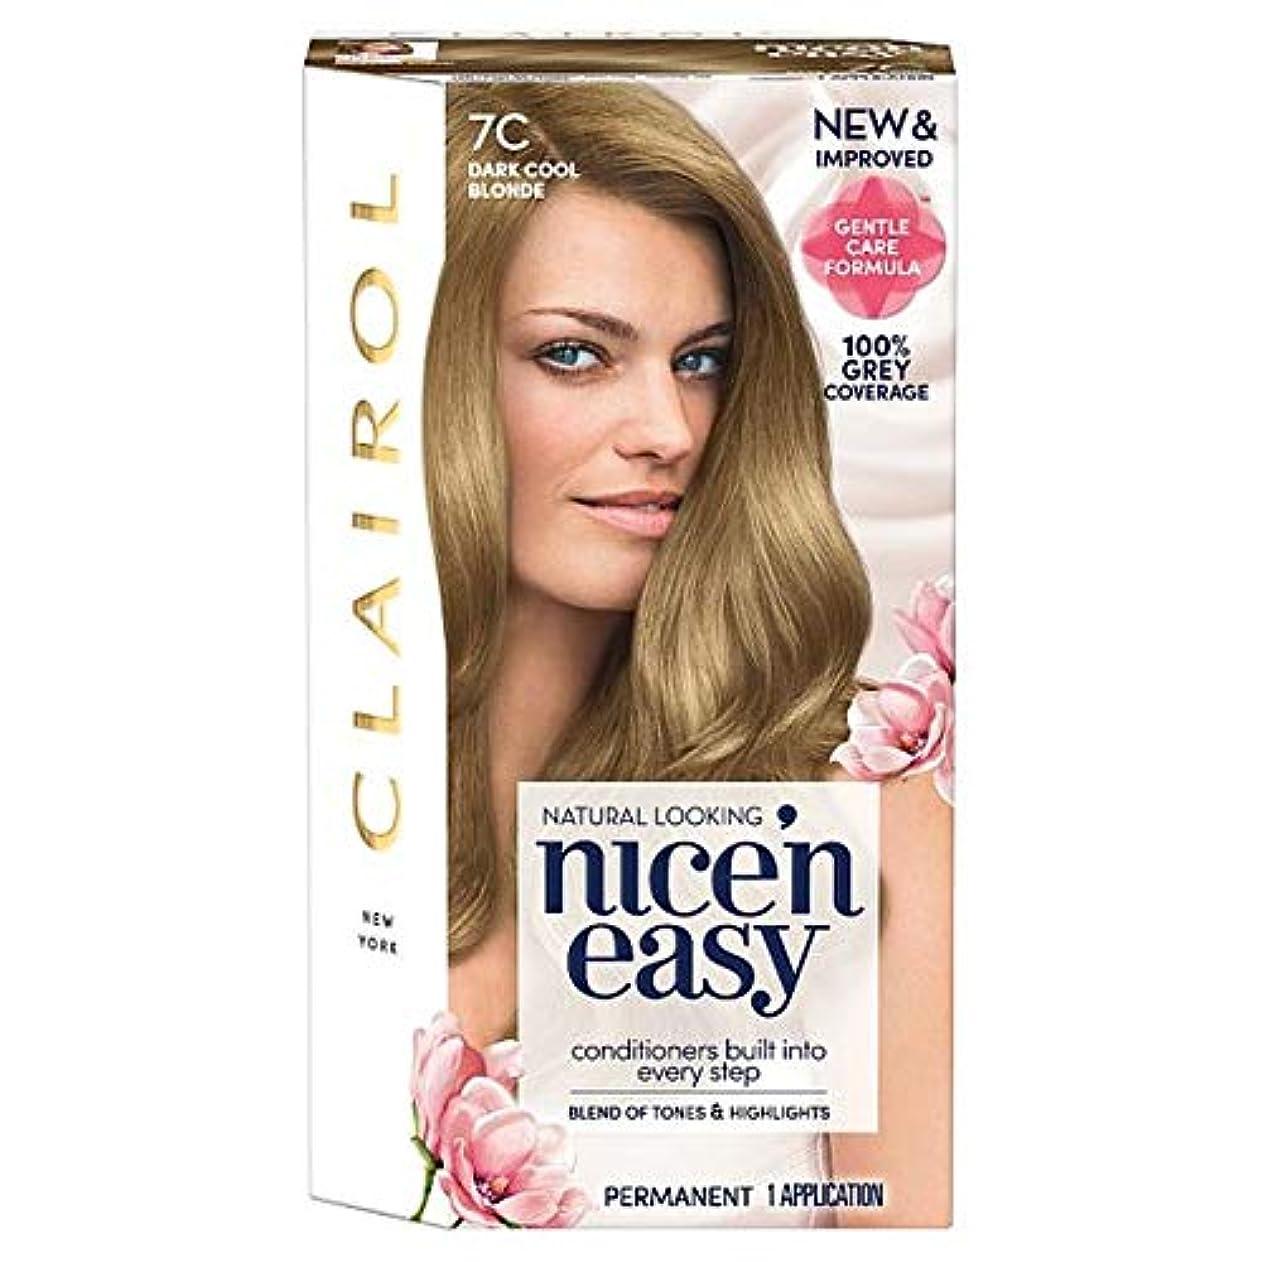 とは異なり甲虫閉じ込める[Nice'n Easy] クレイロール素敵な「N簡単ダーククールなブロンド7Cの染毛剤 - Clairol Nice 'N Easy Dark Cool Blonde 7C Hair Dye [並行輸入品]